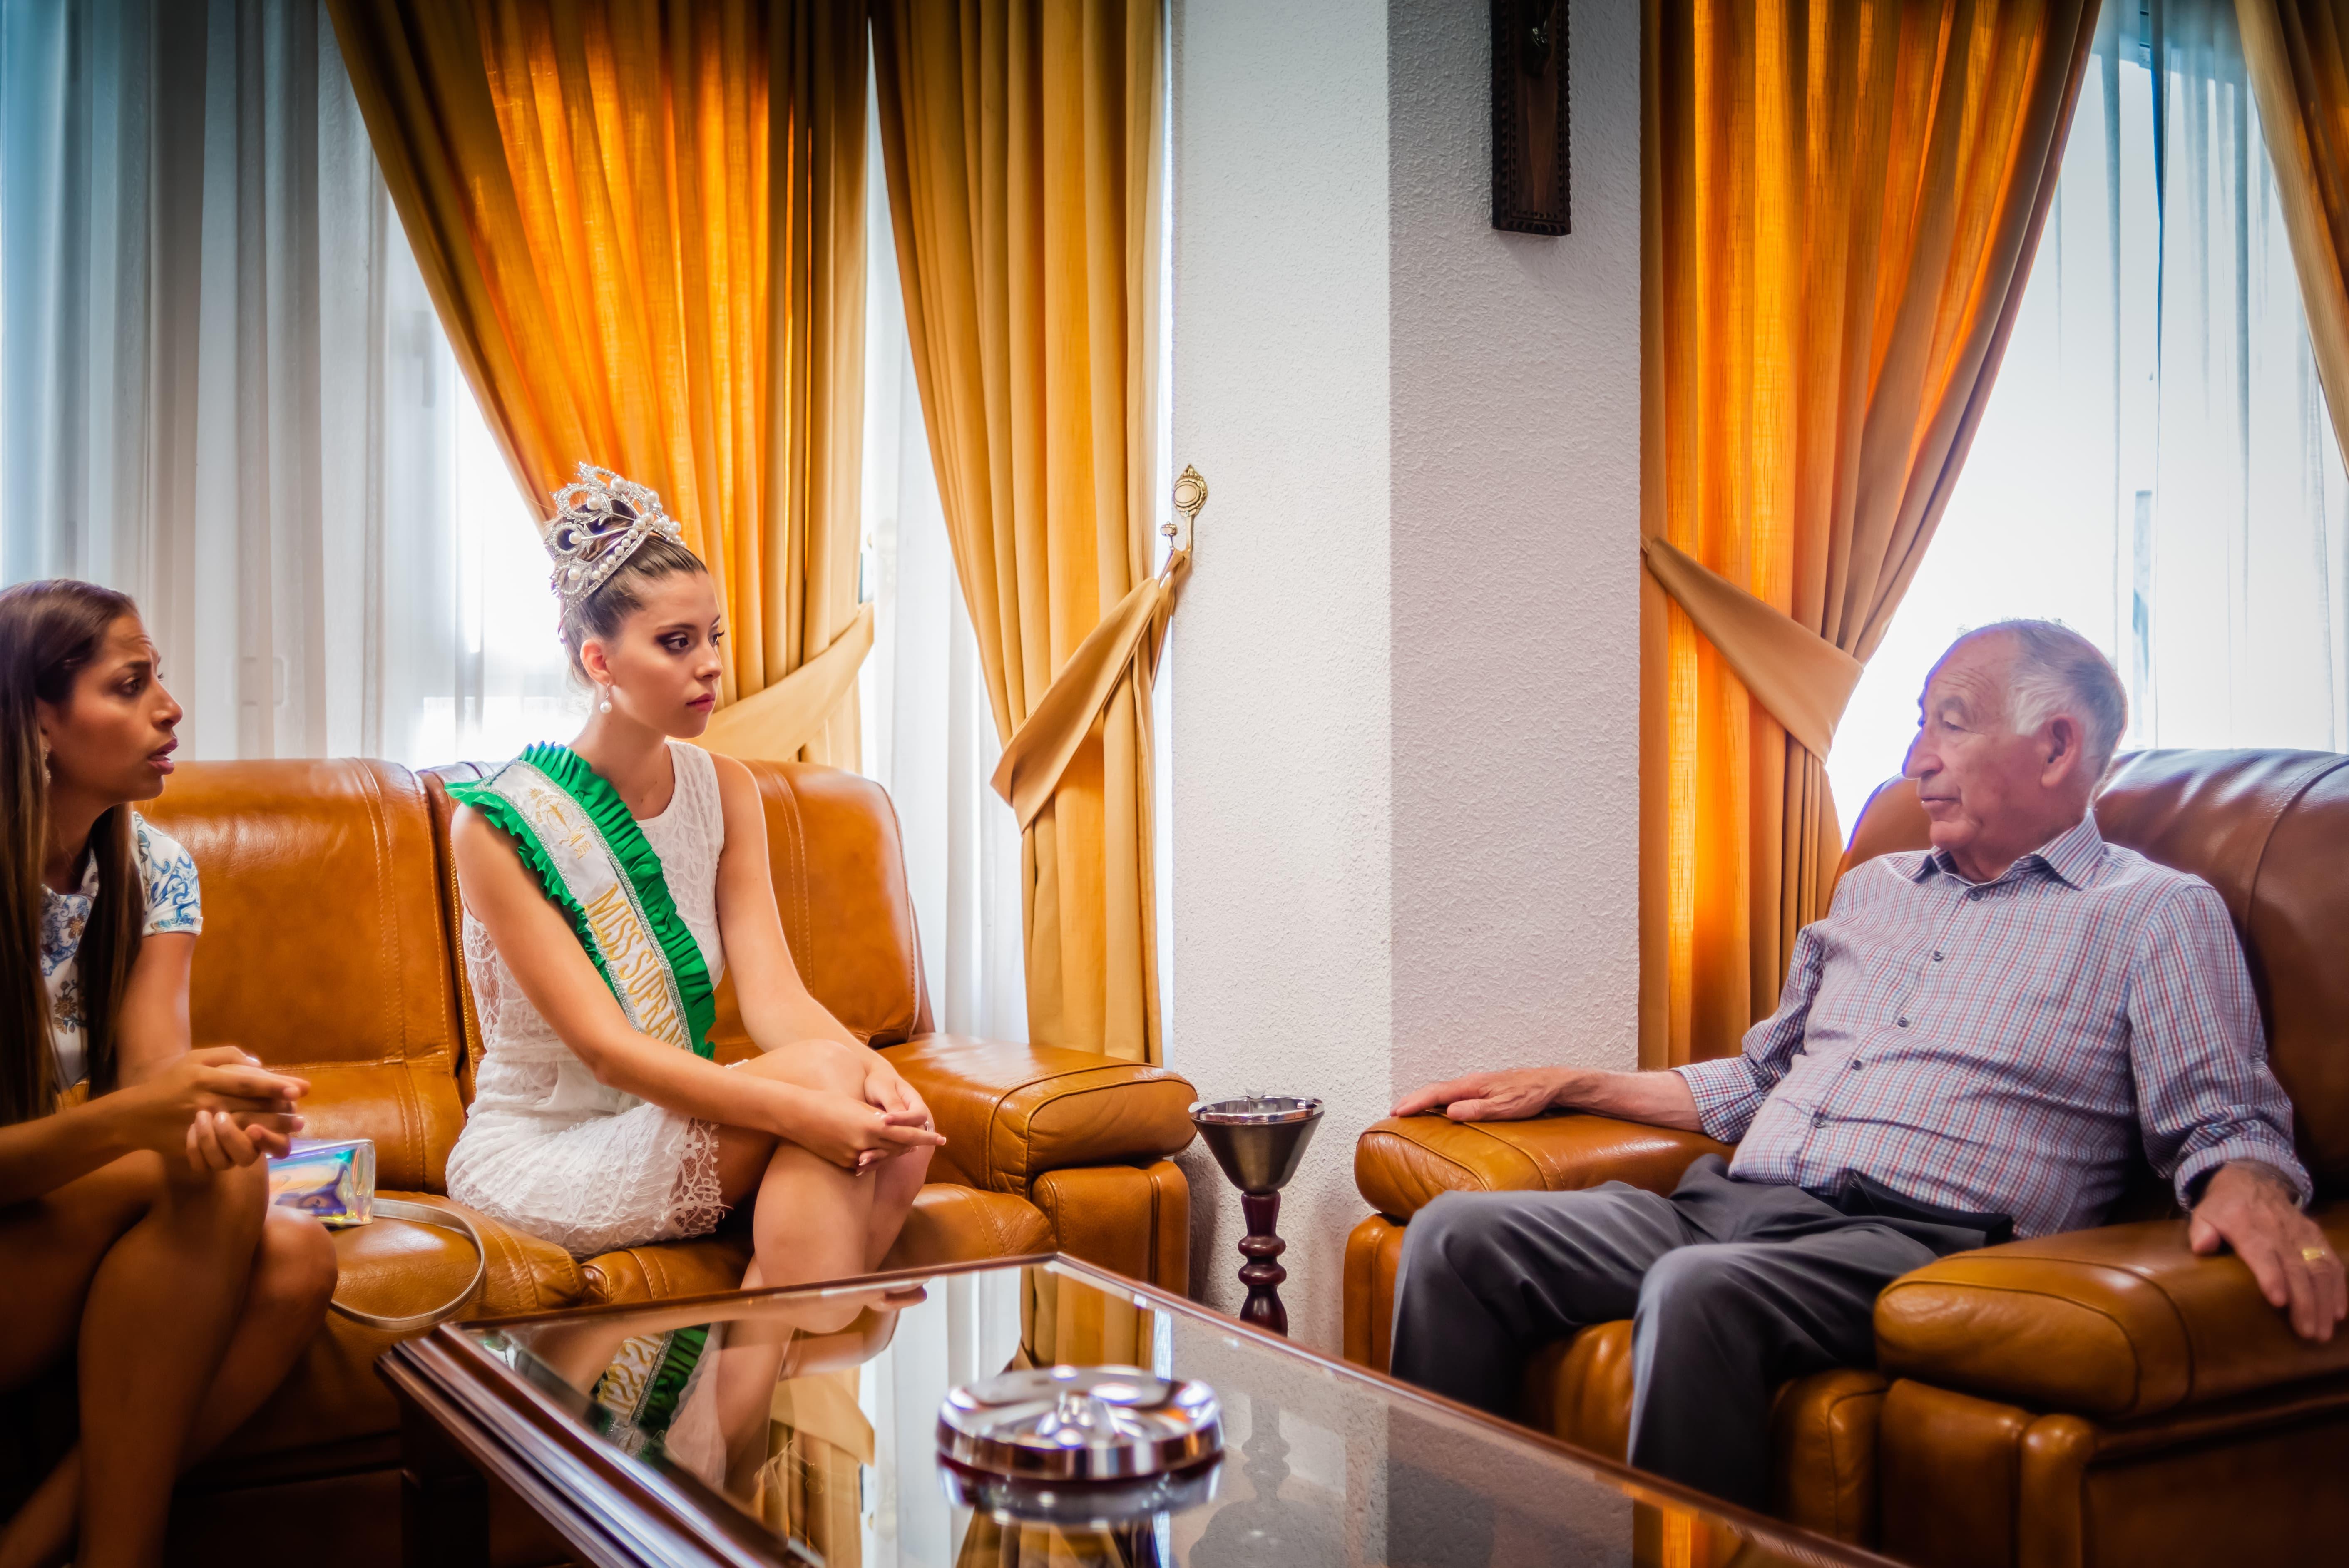 El alcalde recibe a la roquetera Claudia Guillén, ganadora del concurso de belleza Miss Supranational en Almería